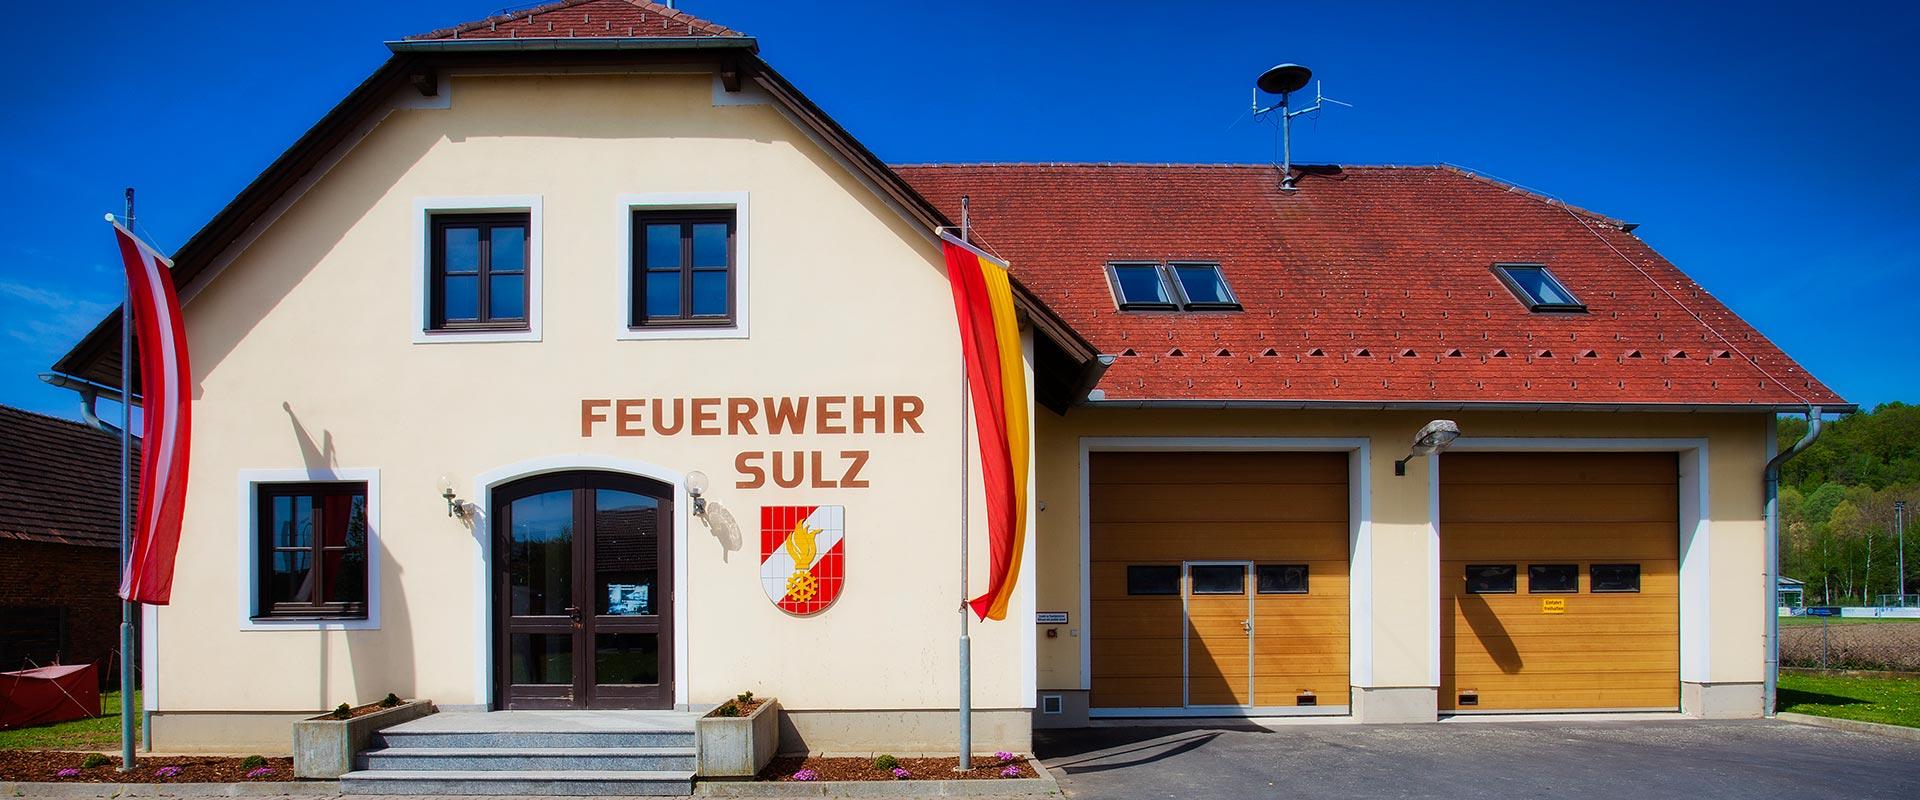 fw_haus_sulz